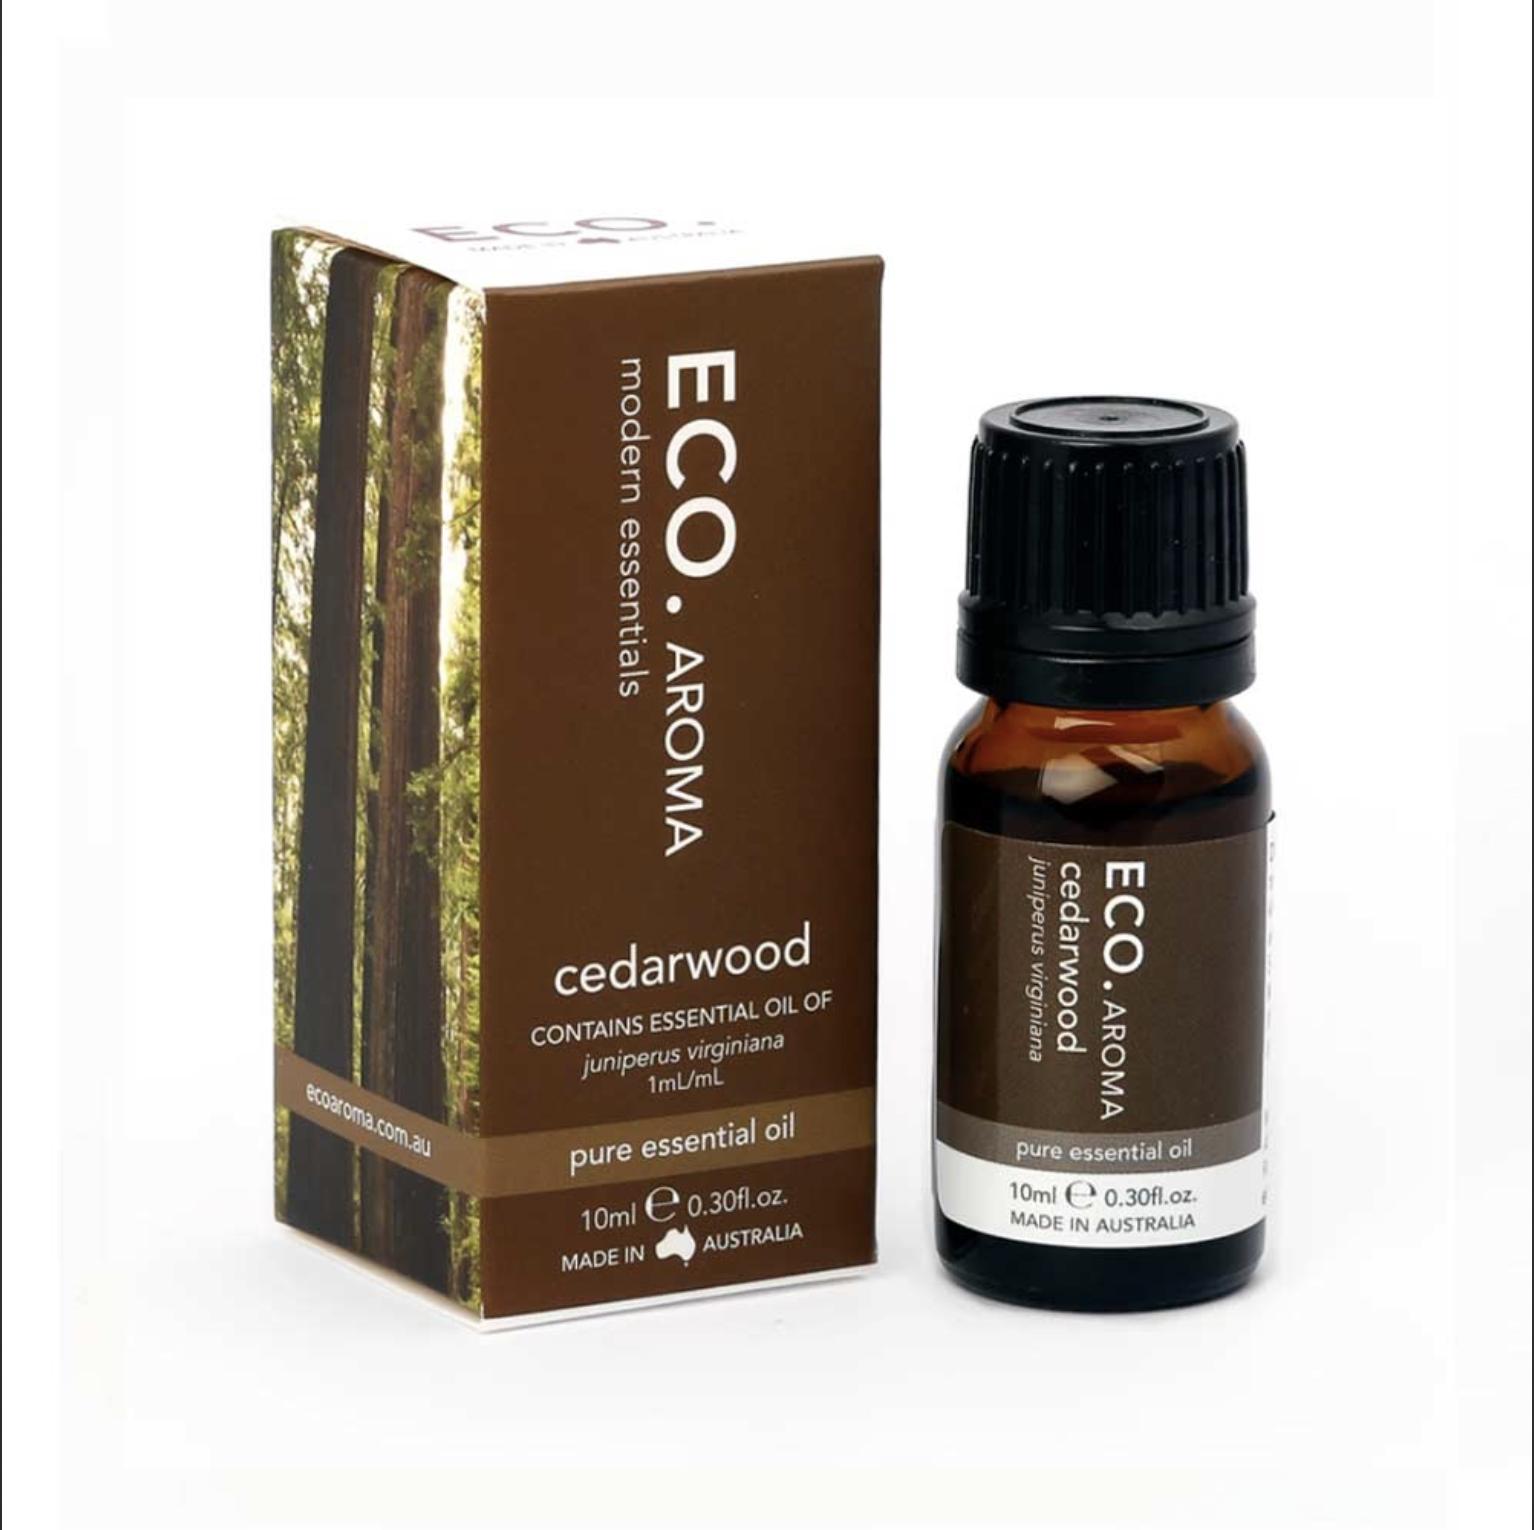 Eco Modern Essentials Oils 10ml - Cedarwood